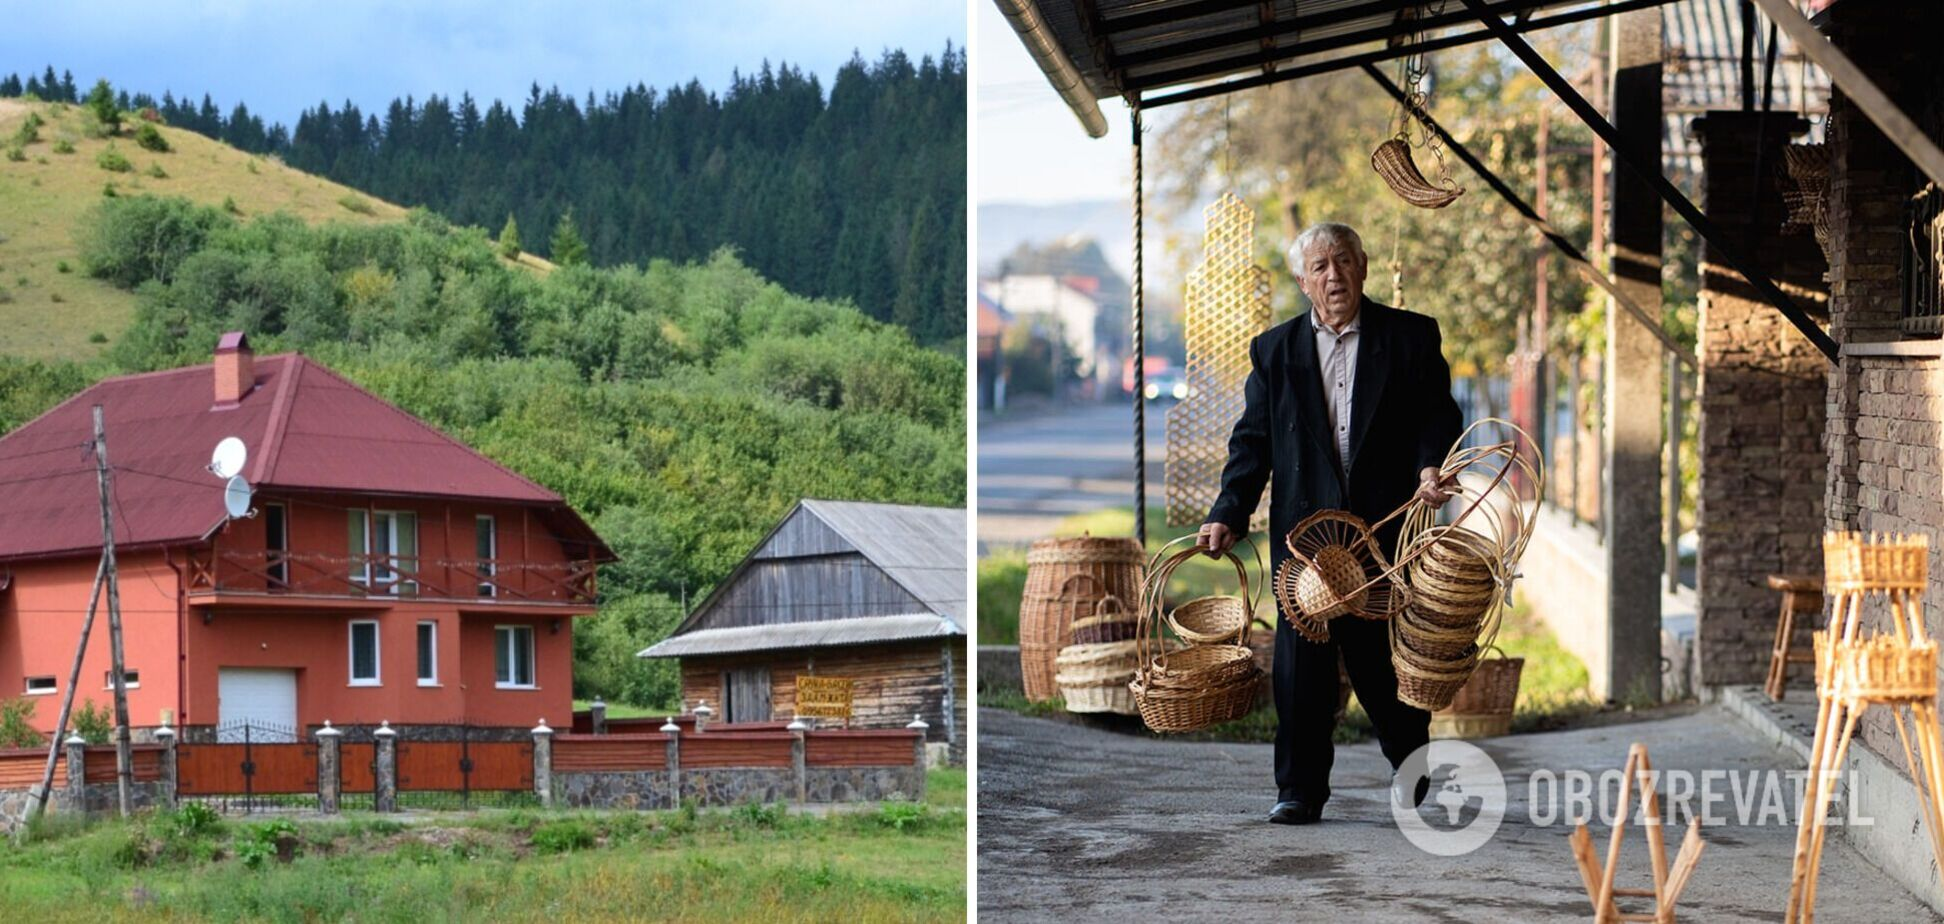 Село Іза неофіційно називають столицею лозоплетіння України